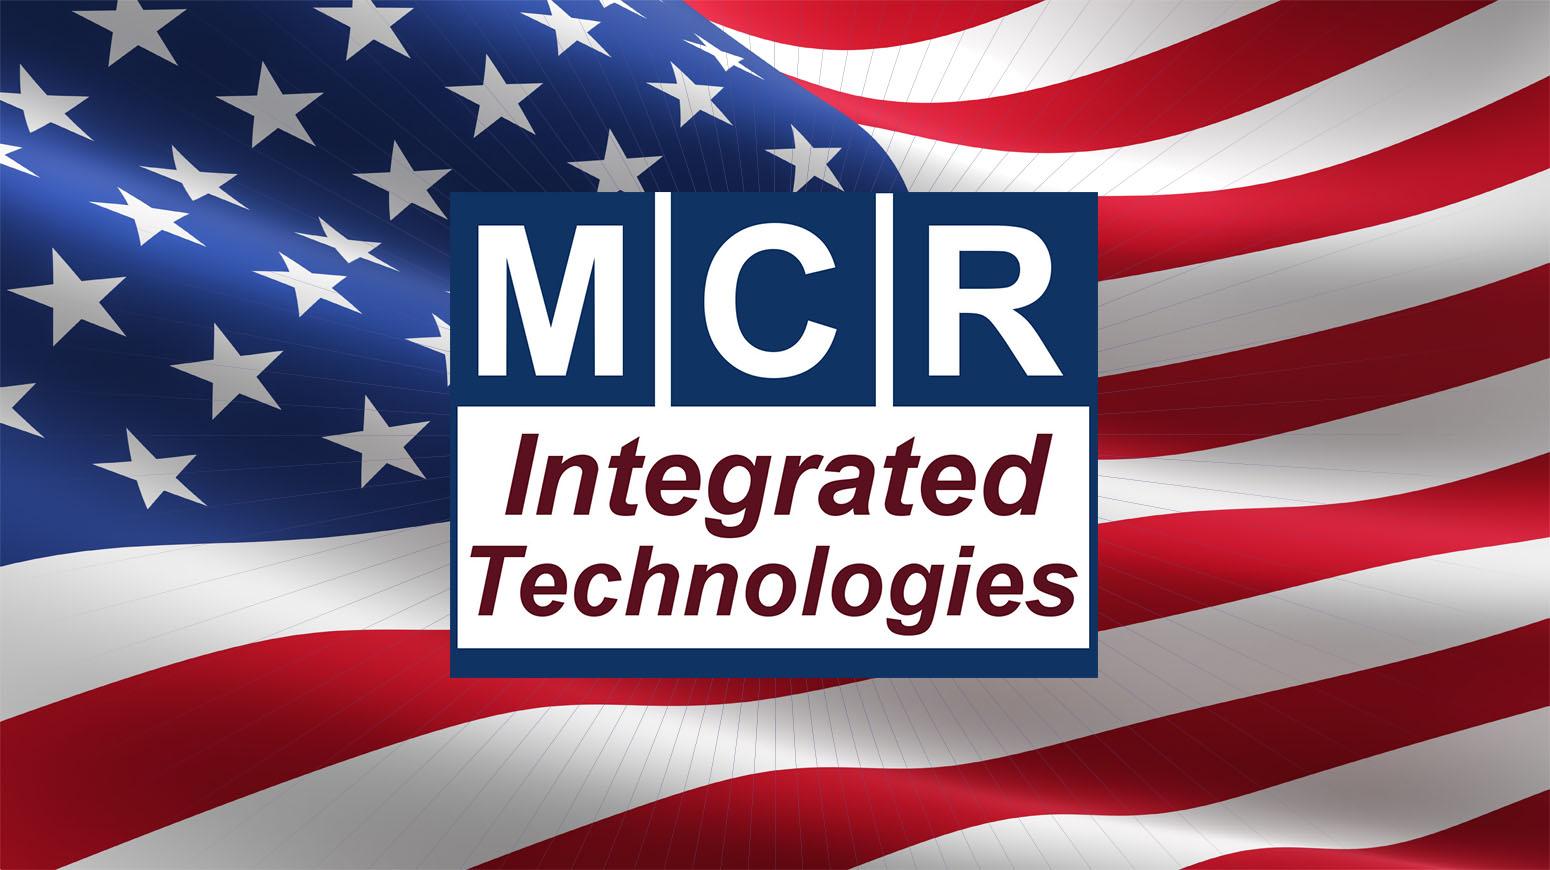 mcr full logo 4.jpg